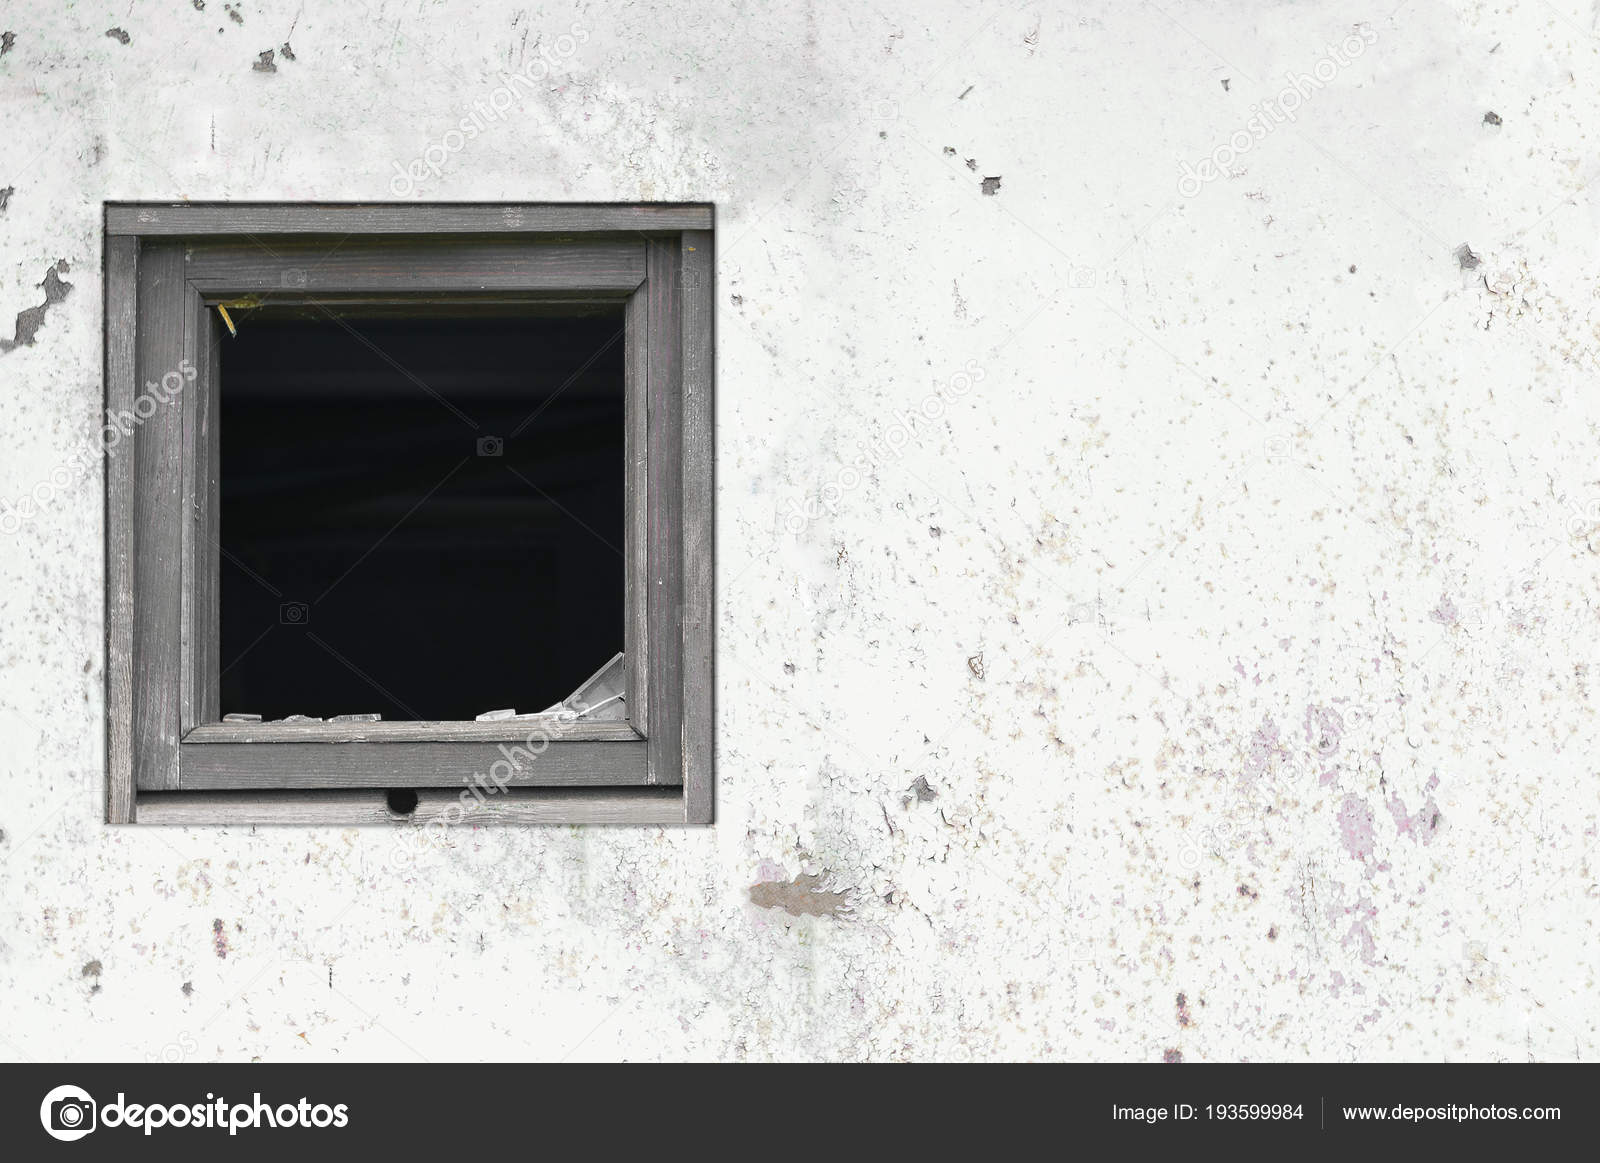 Gebroken Wit Verf : Oude leeftijd verroeste grijs zwart witte shack hut muur verf